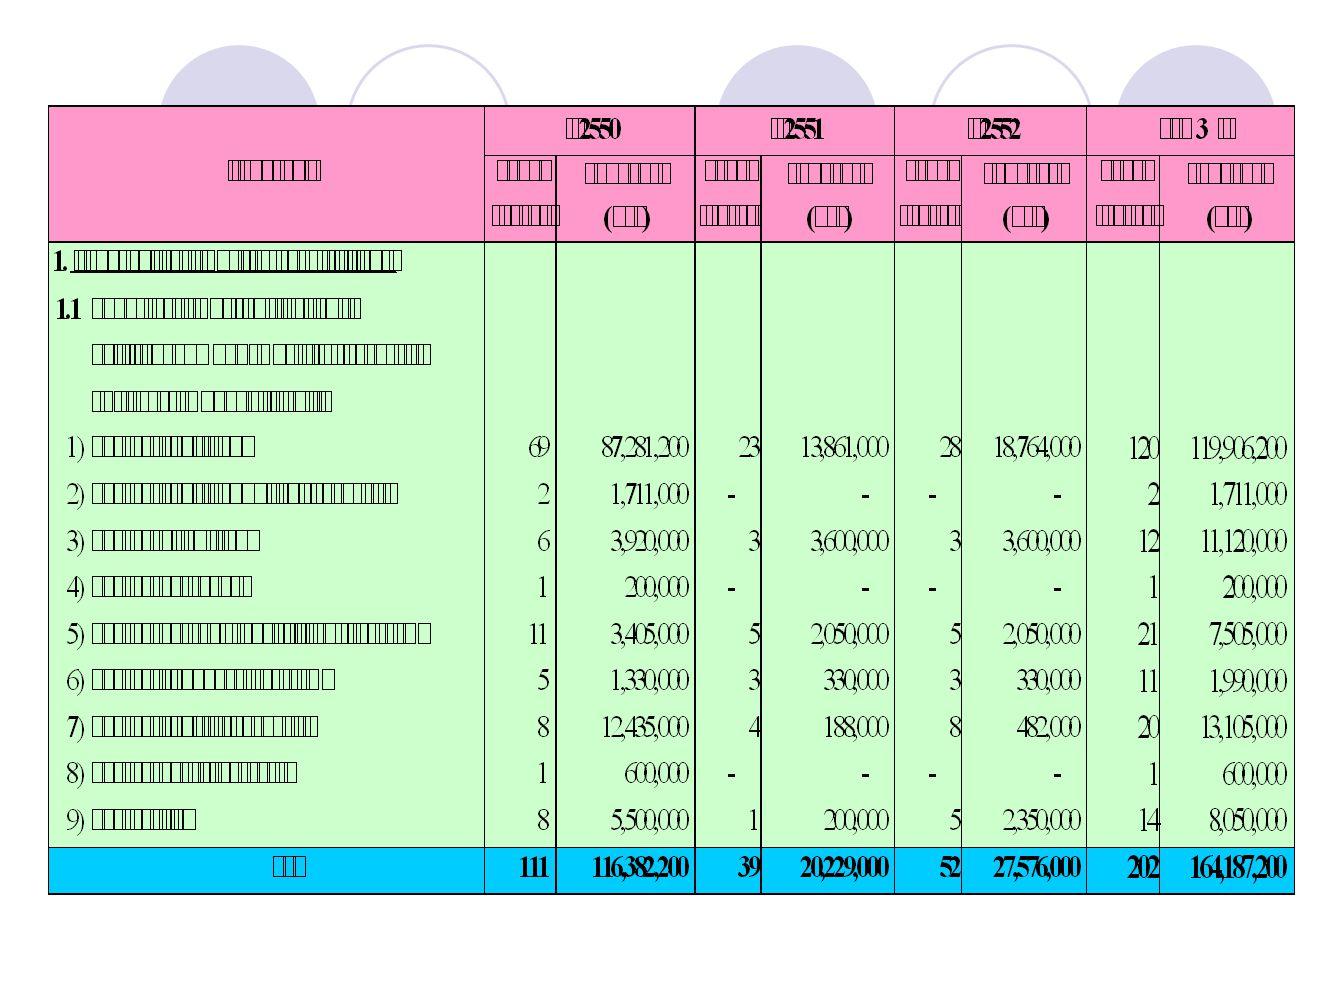 บัญชีสรุปโครงการ พัฒนา แผนสามปี พ. ศ.2550 - 2552